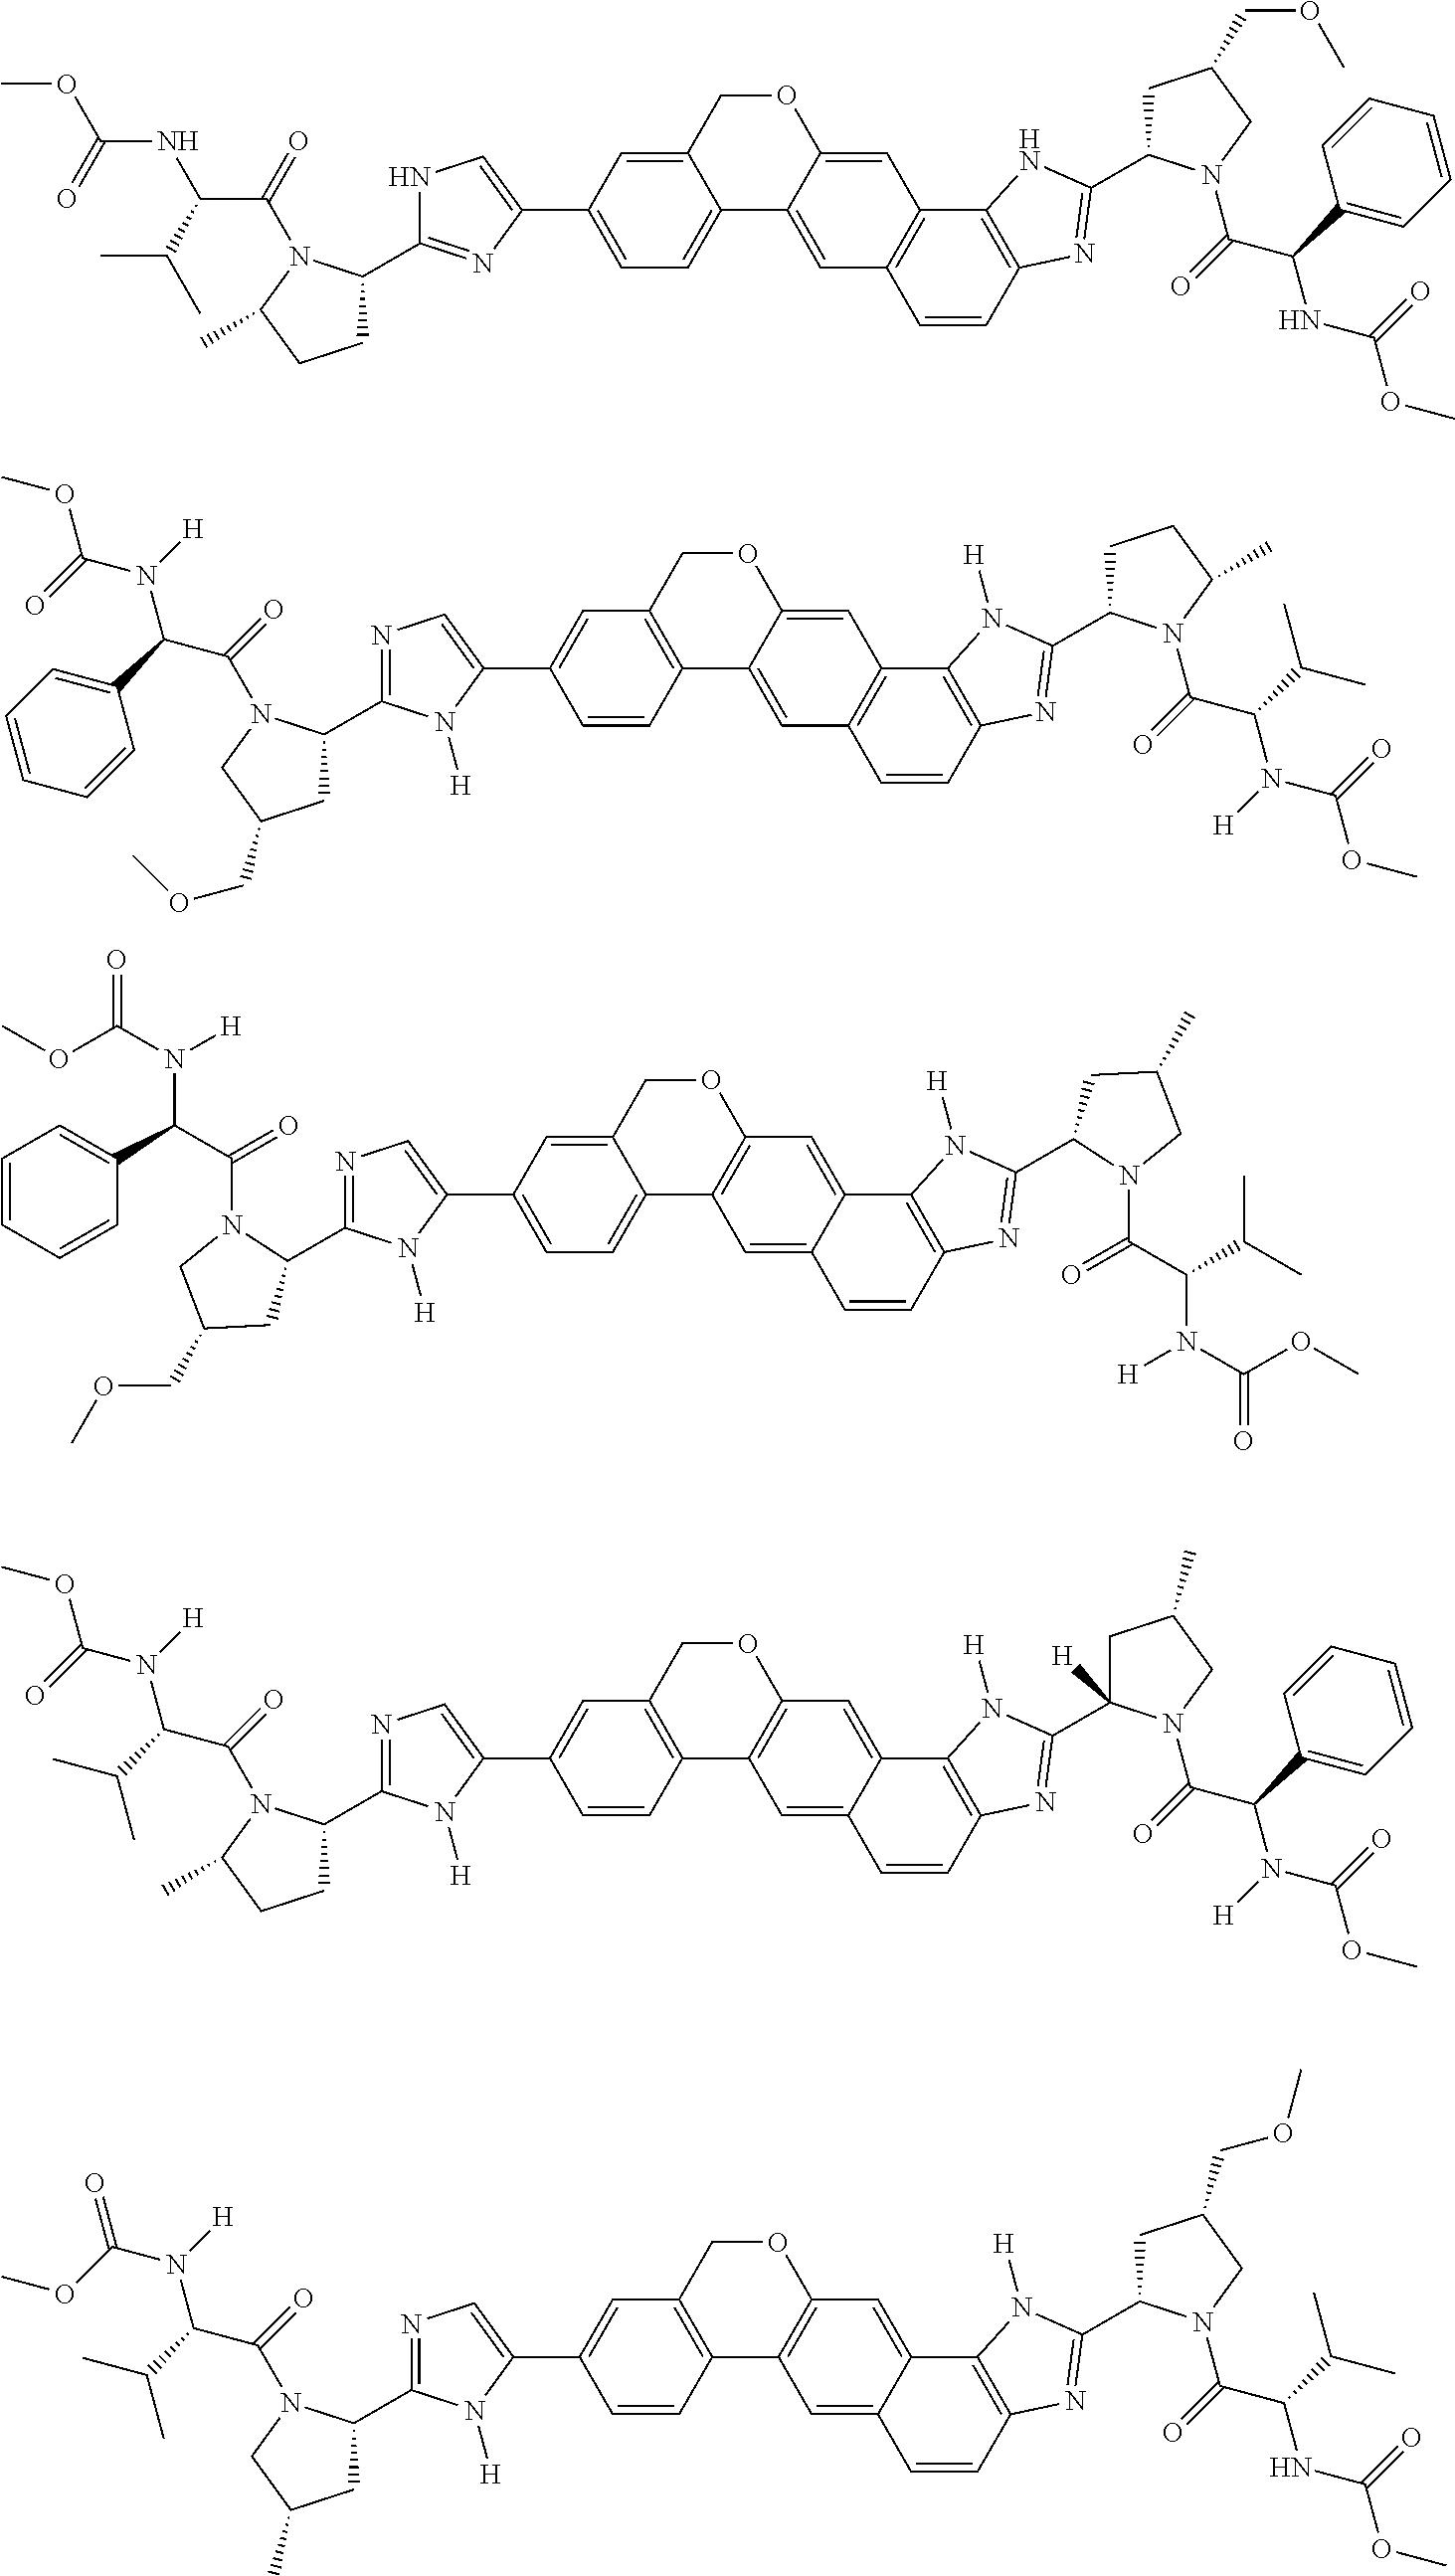 Figure US08575135-20131105-C00053